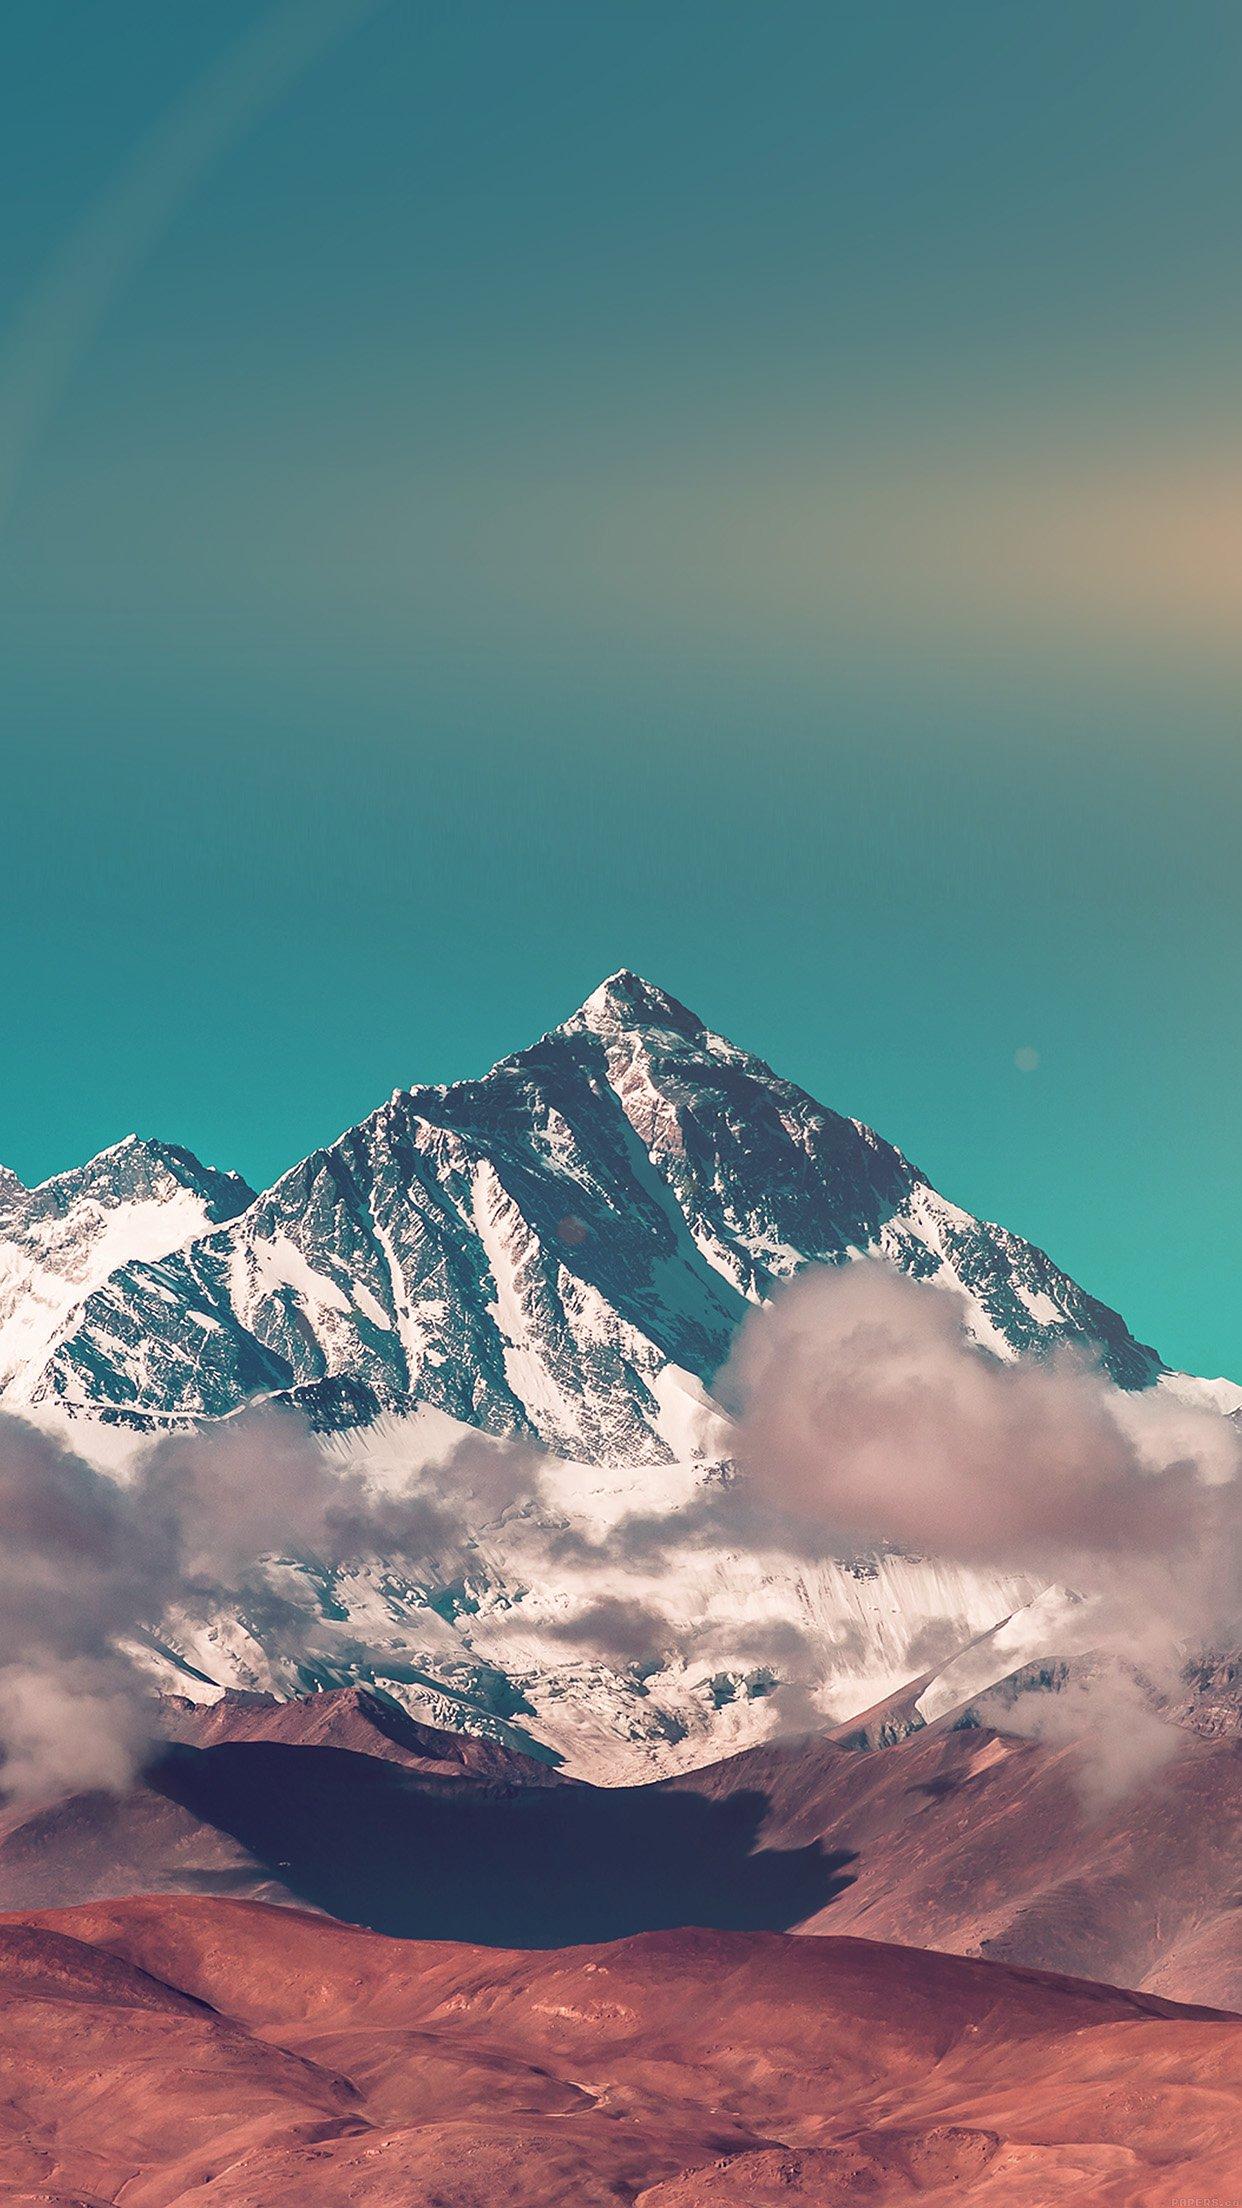 جبال جليدية السويد خلفيات ايفون بلس Iphone 6 Plus Amp 7 Plus صور خلفيات عالية الدقة Hd Wallpapers